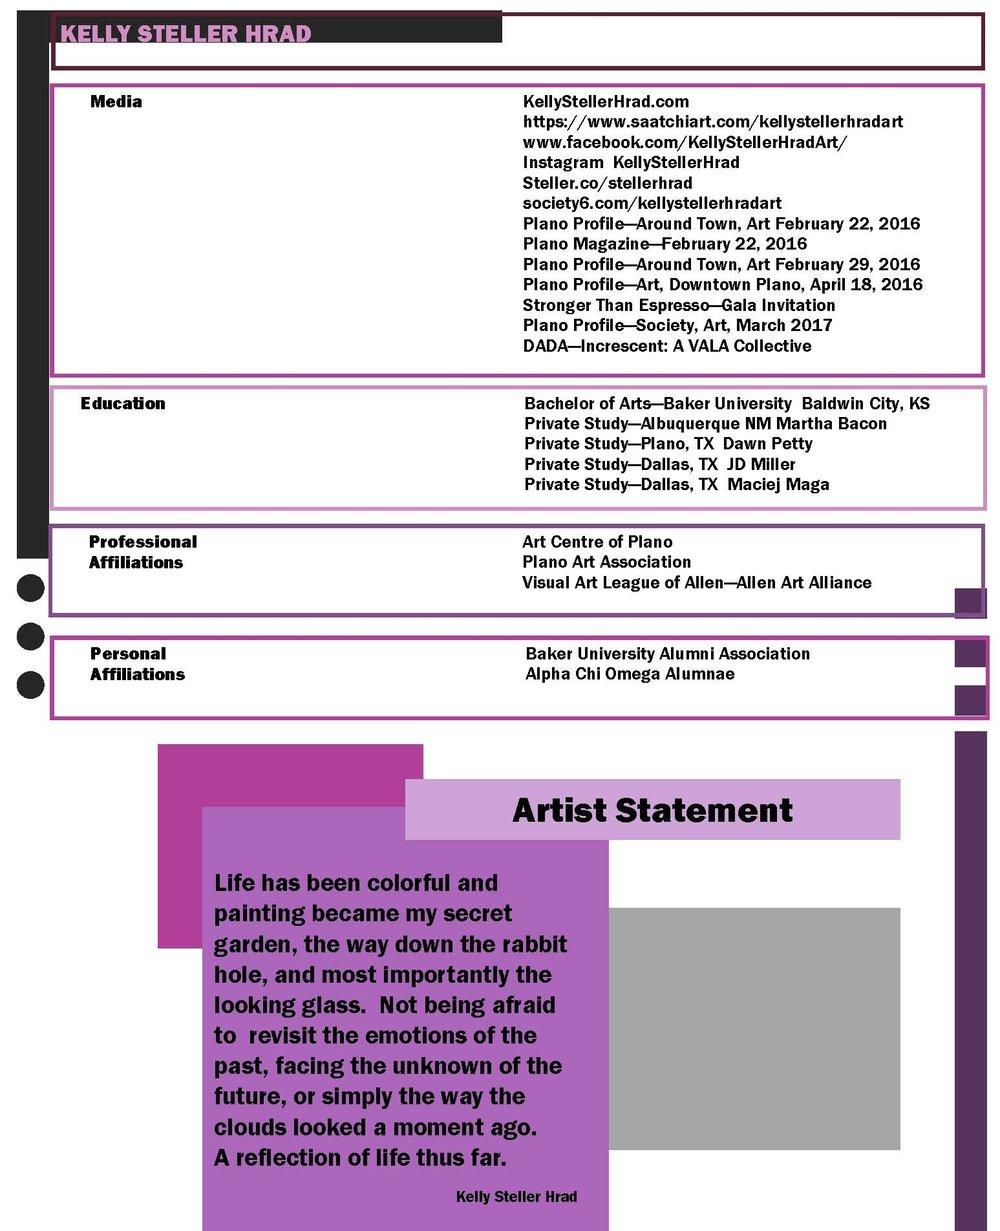 KSH Full Profile July 2018 pg 3.jpg